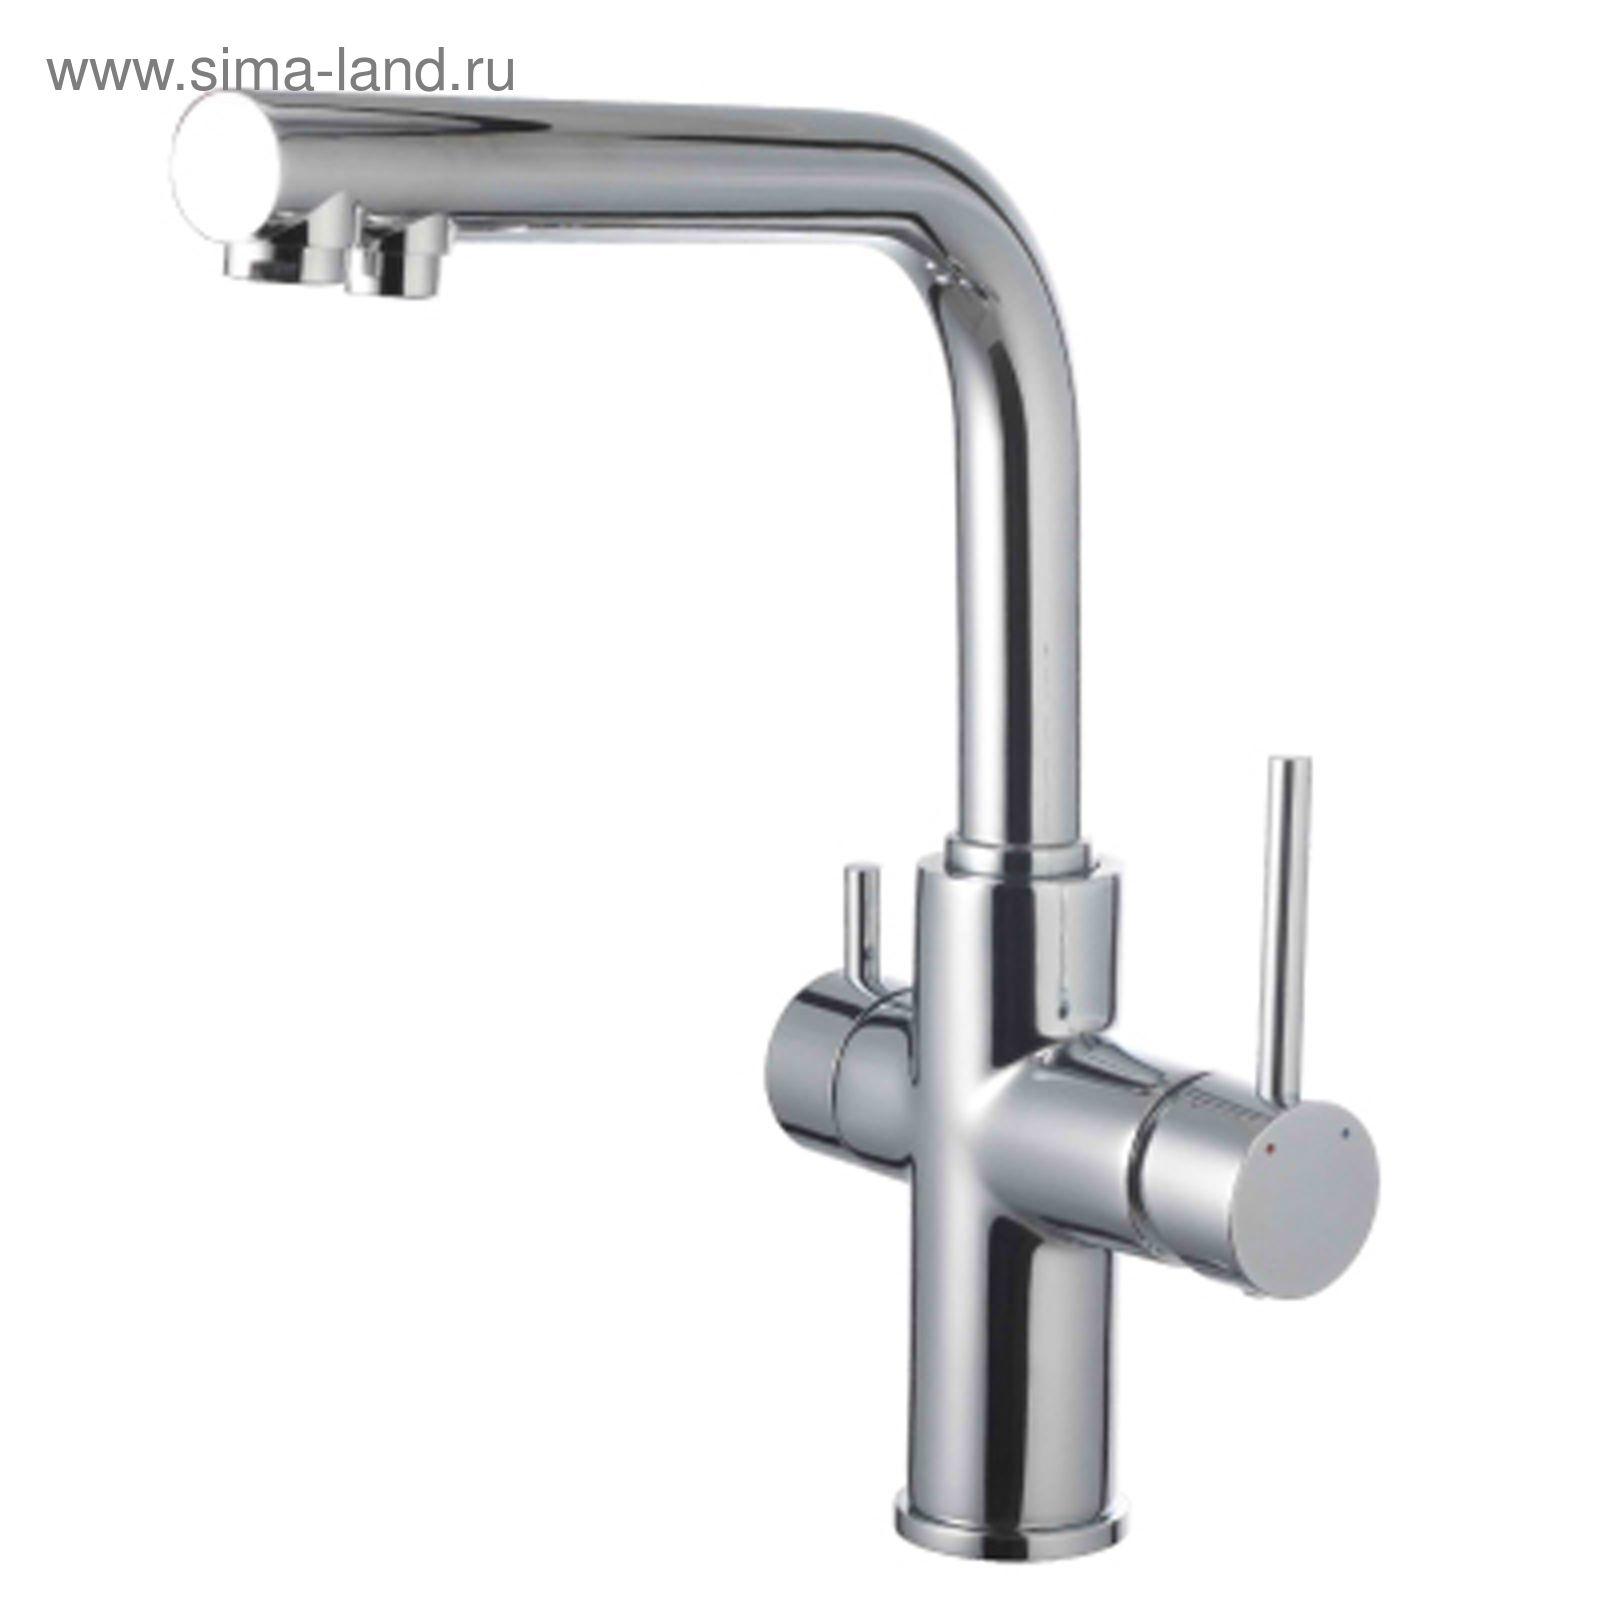 Кухня питьевой смеситель стандартные ванные комнаты интерьер